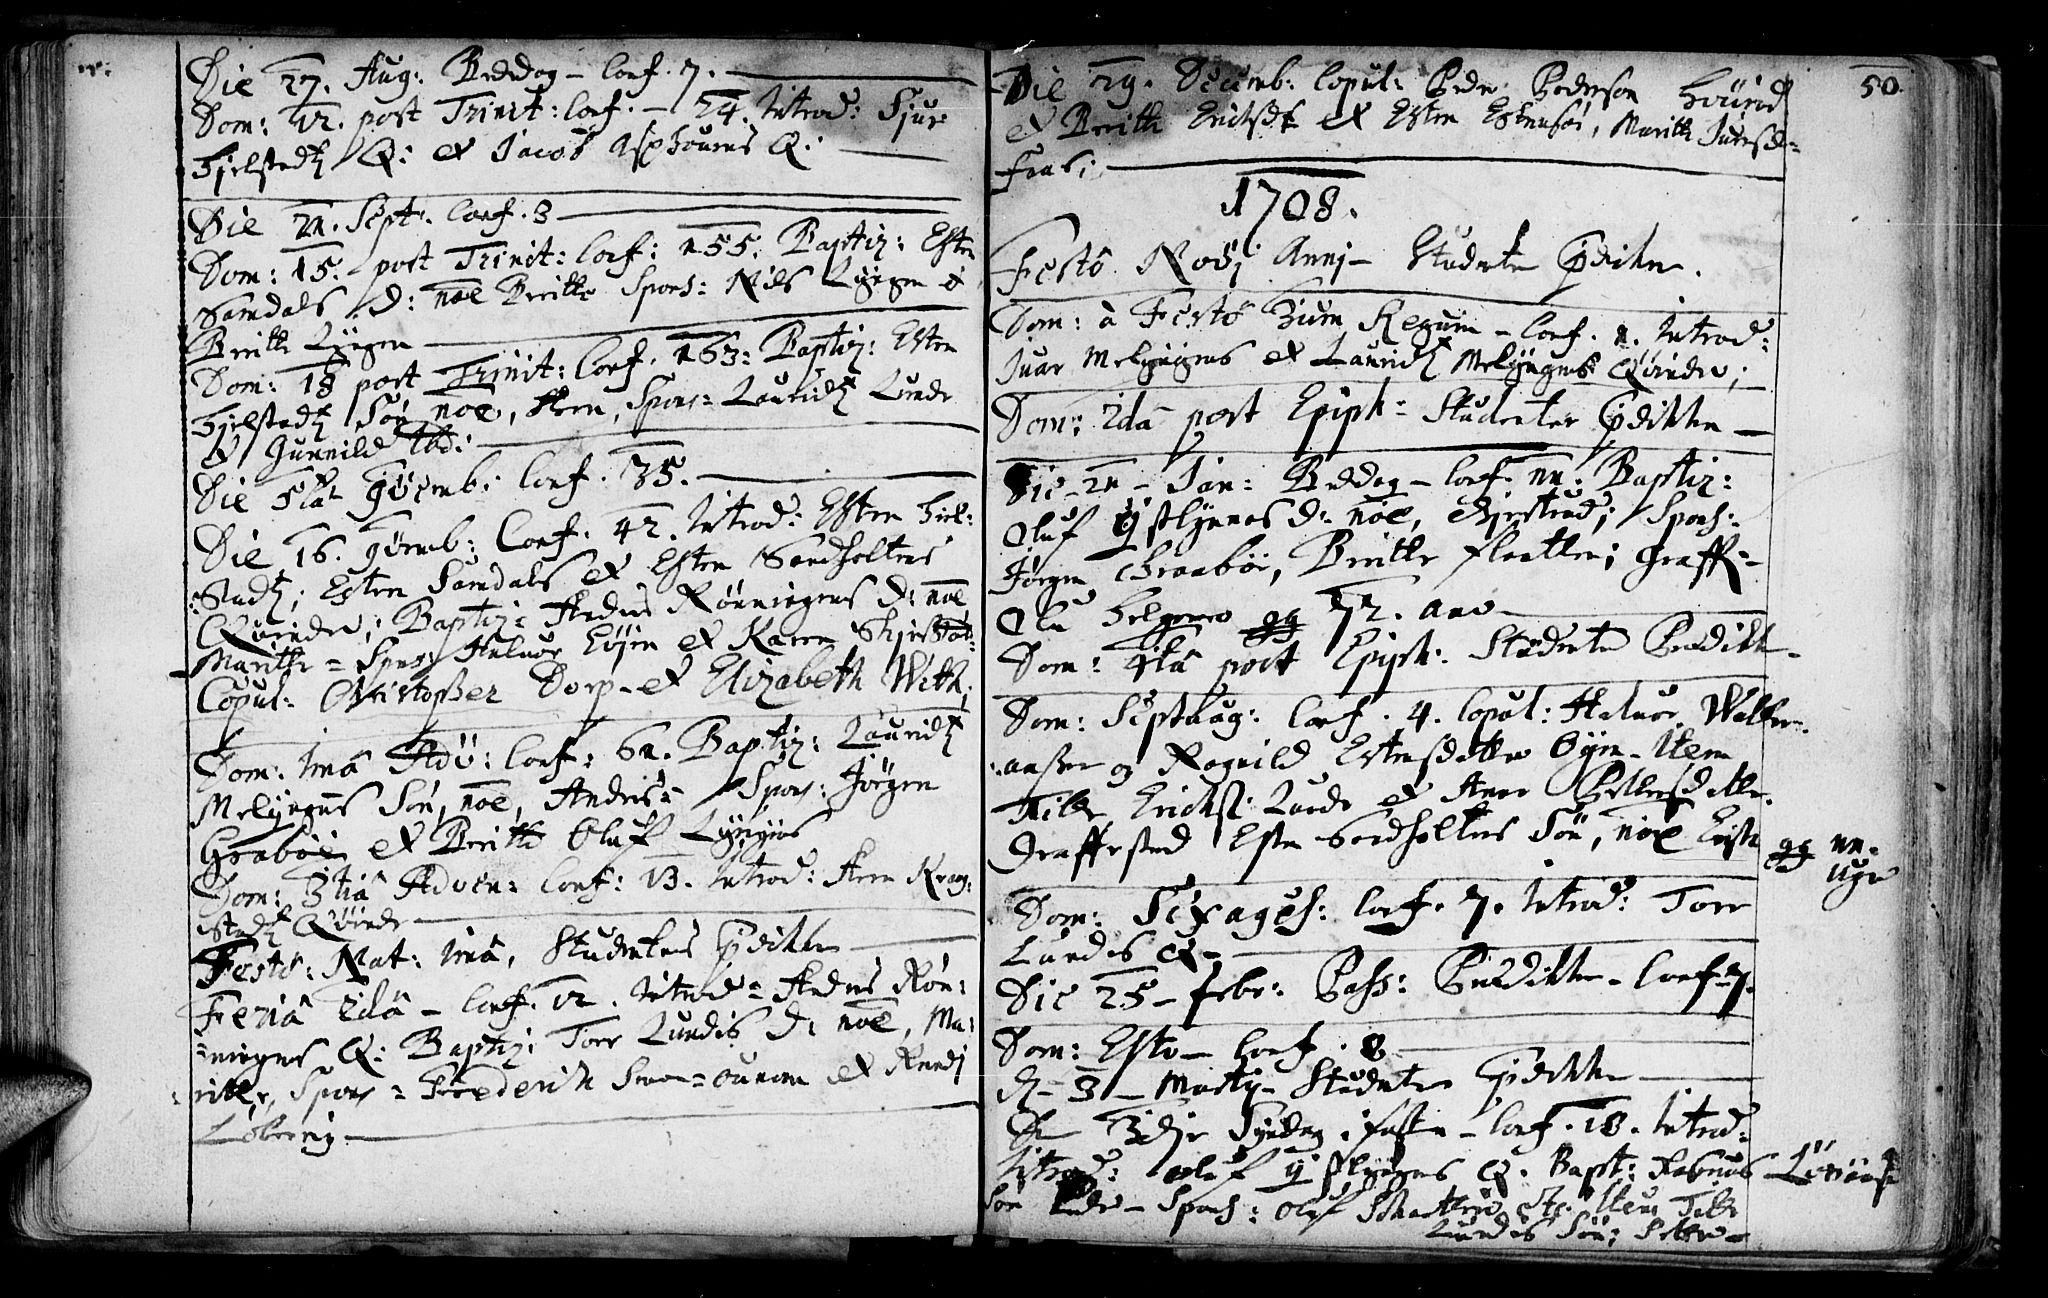 SAT, Ministerialprotokoller, klokkerbøker og fødselsregistre - Sør-Trøndelag, 692/L1101: Ministerialbok nr. 692A01, 1690-1746, s. 50